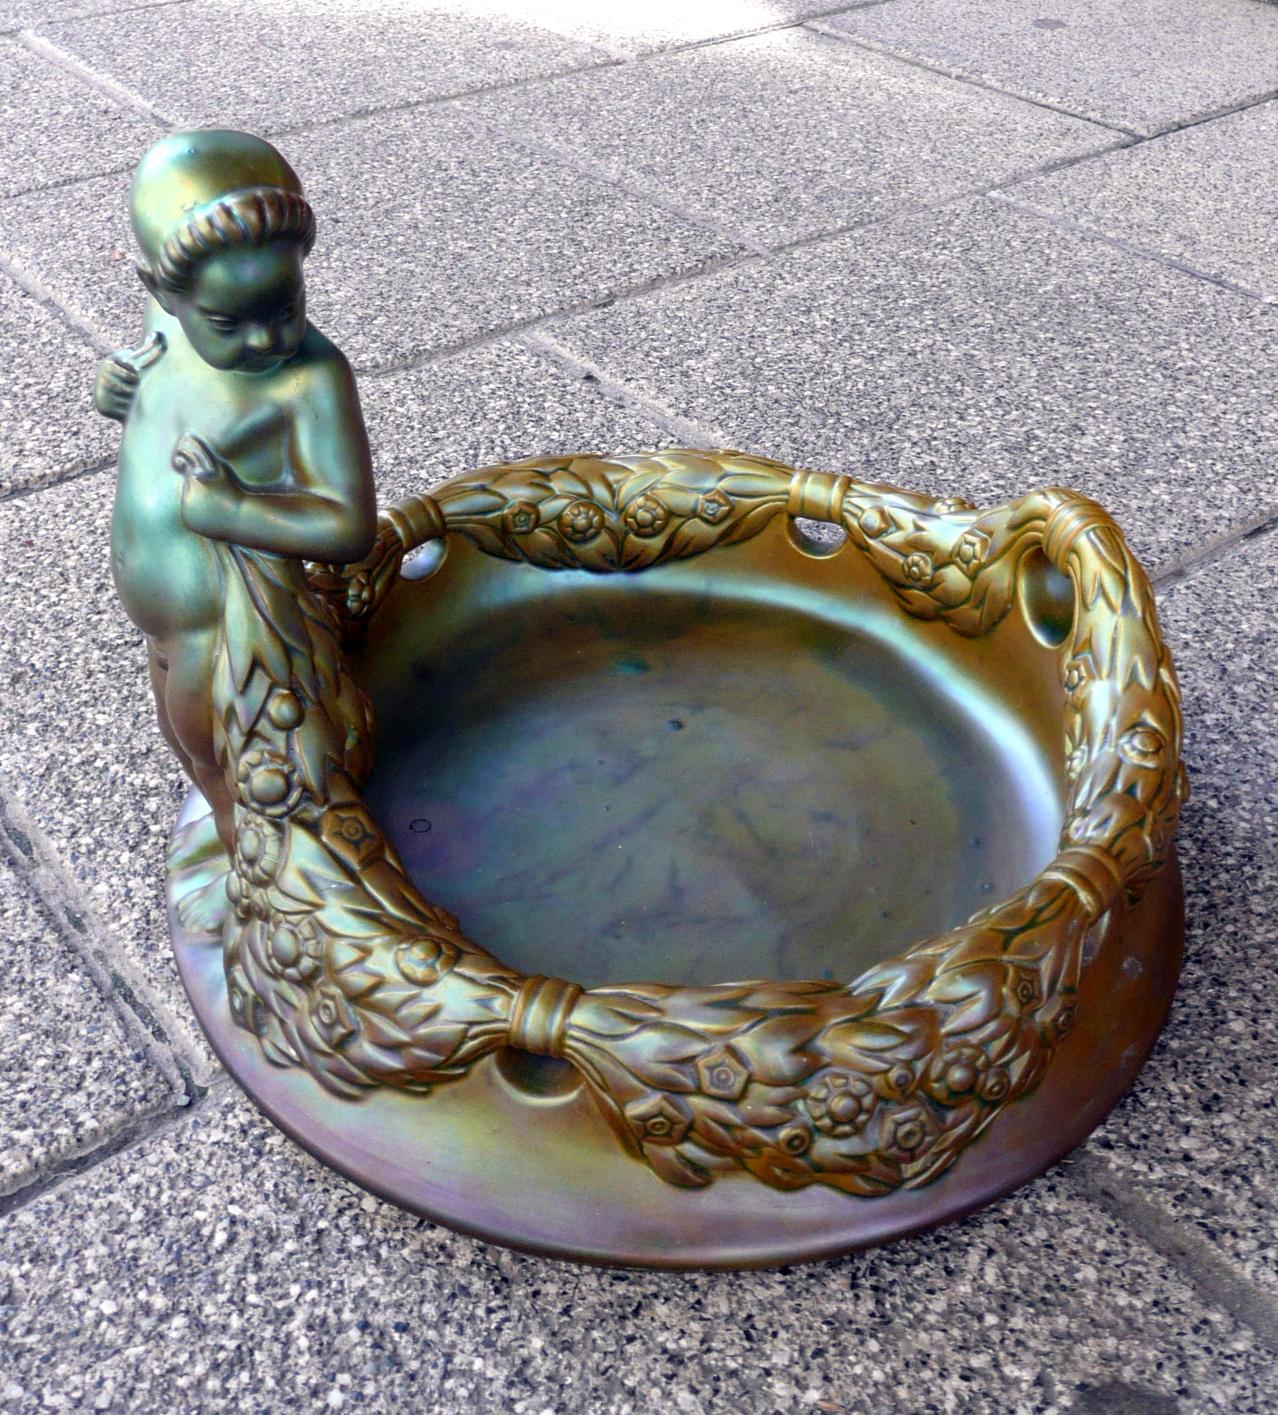 Zsolnay szecessziós stílusú, puttós asztalközép